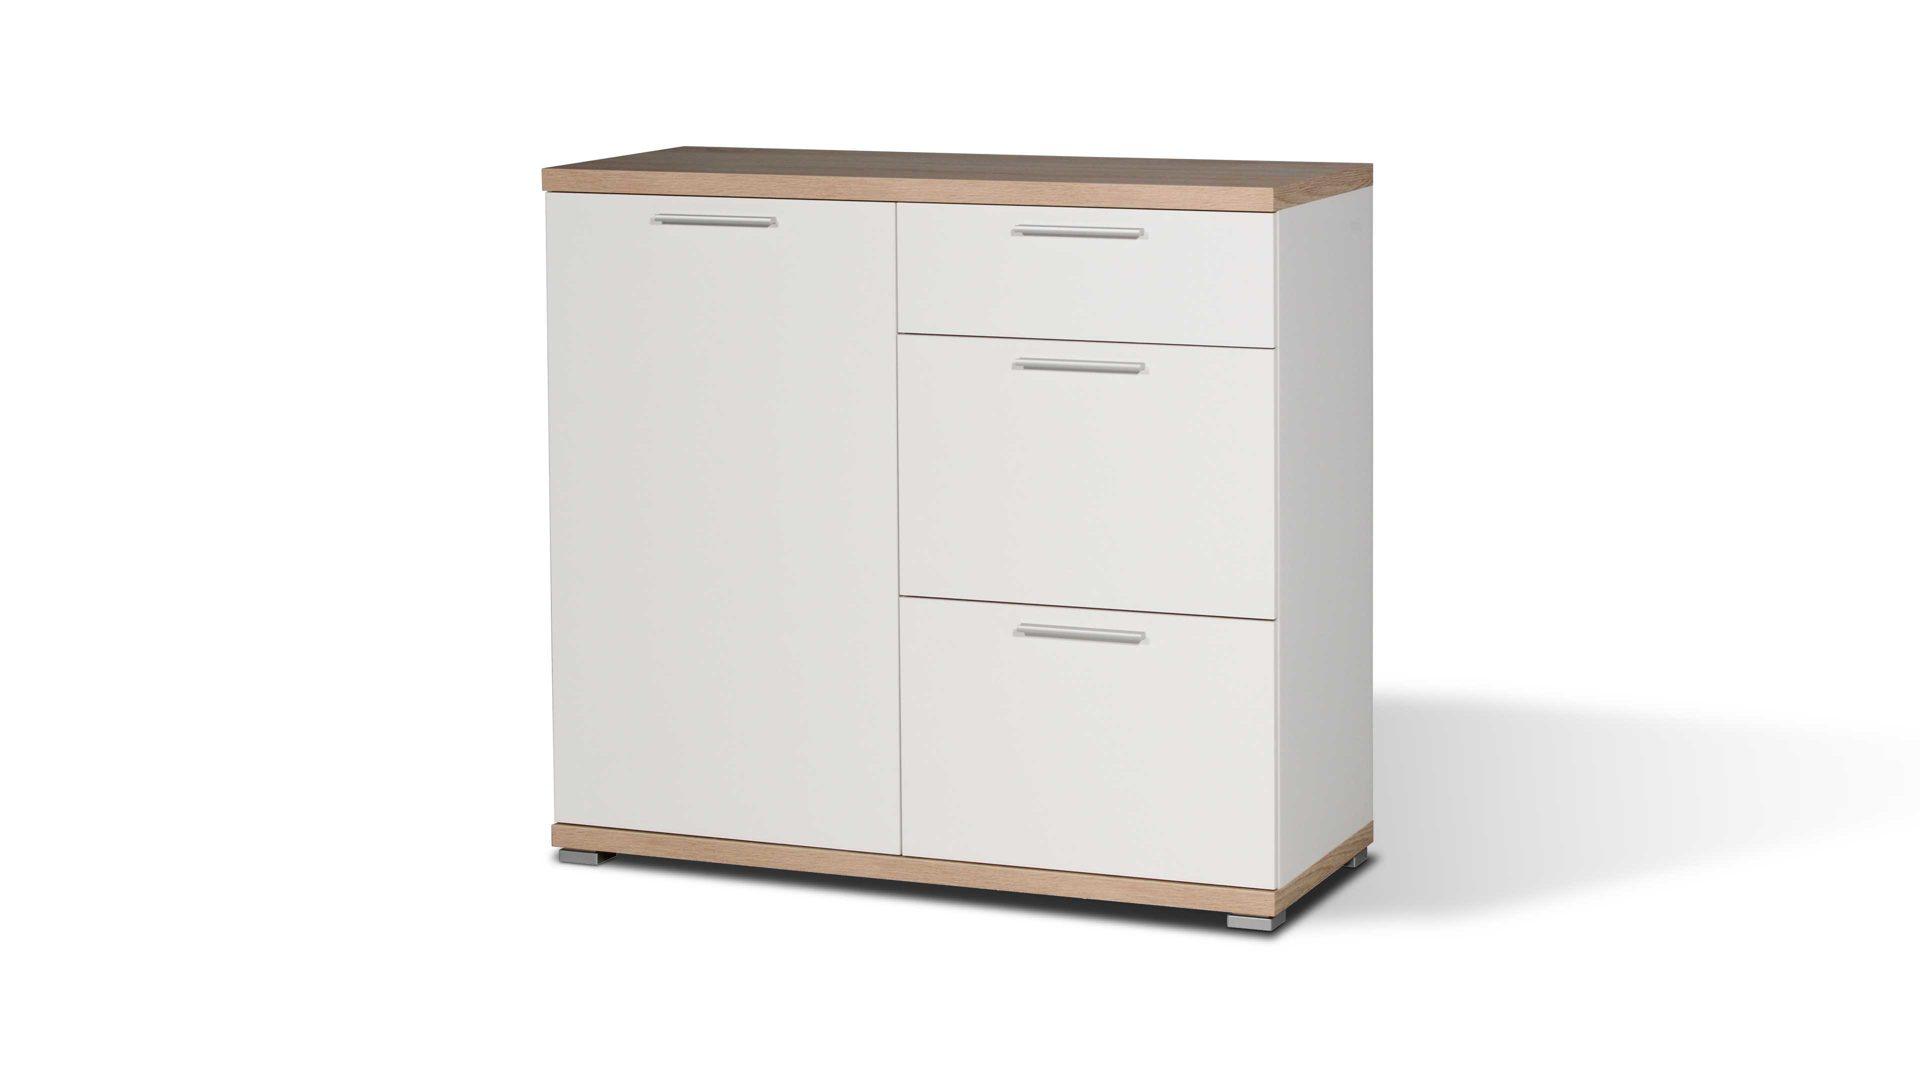 Kommode Top Ein Sideboard Mit Stauraum Und Minimalistischem Design